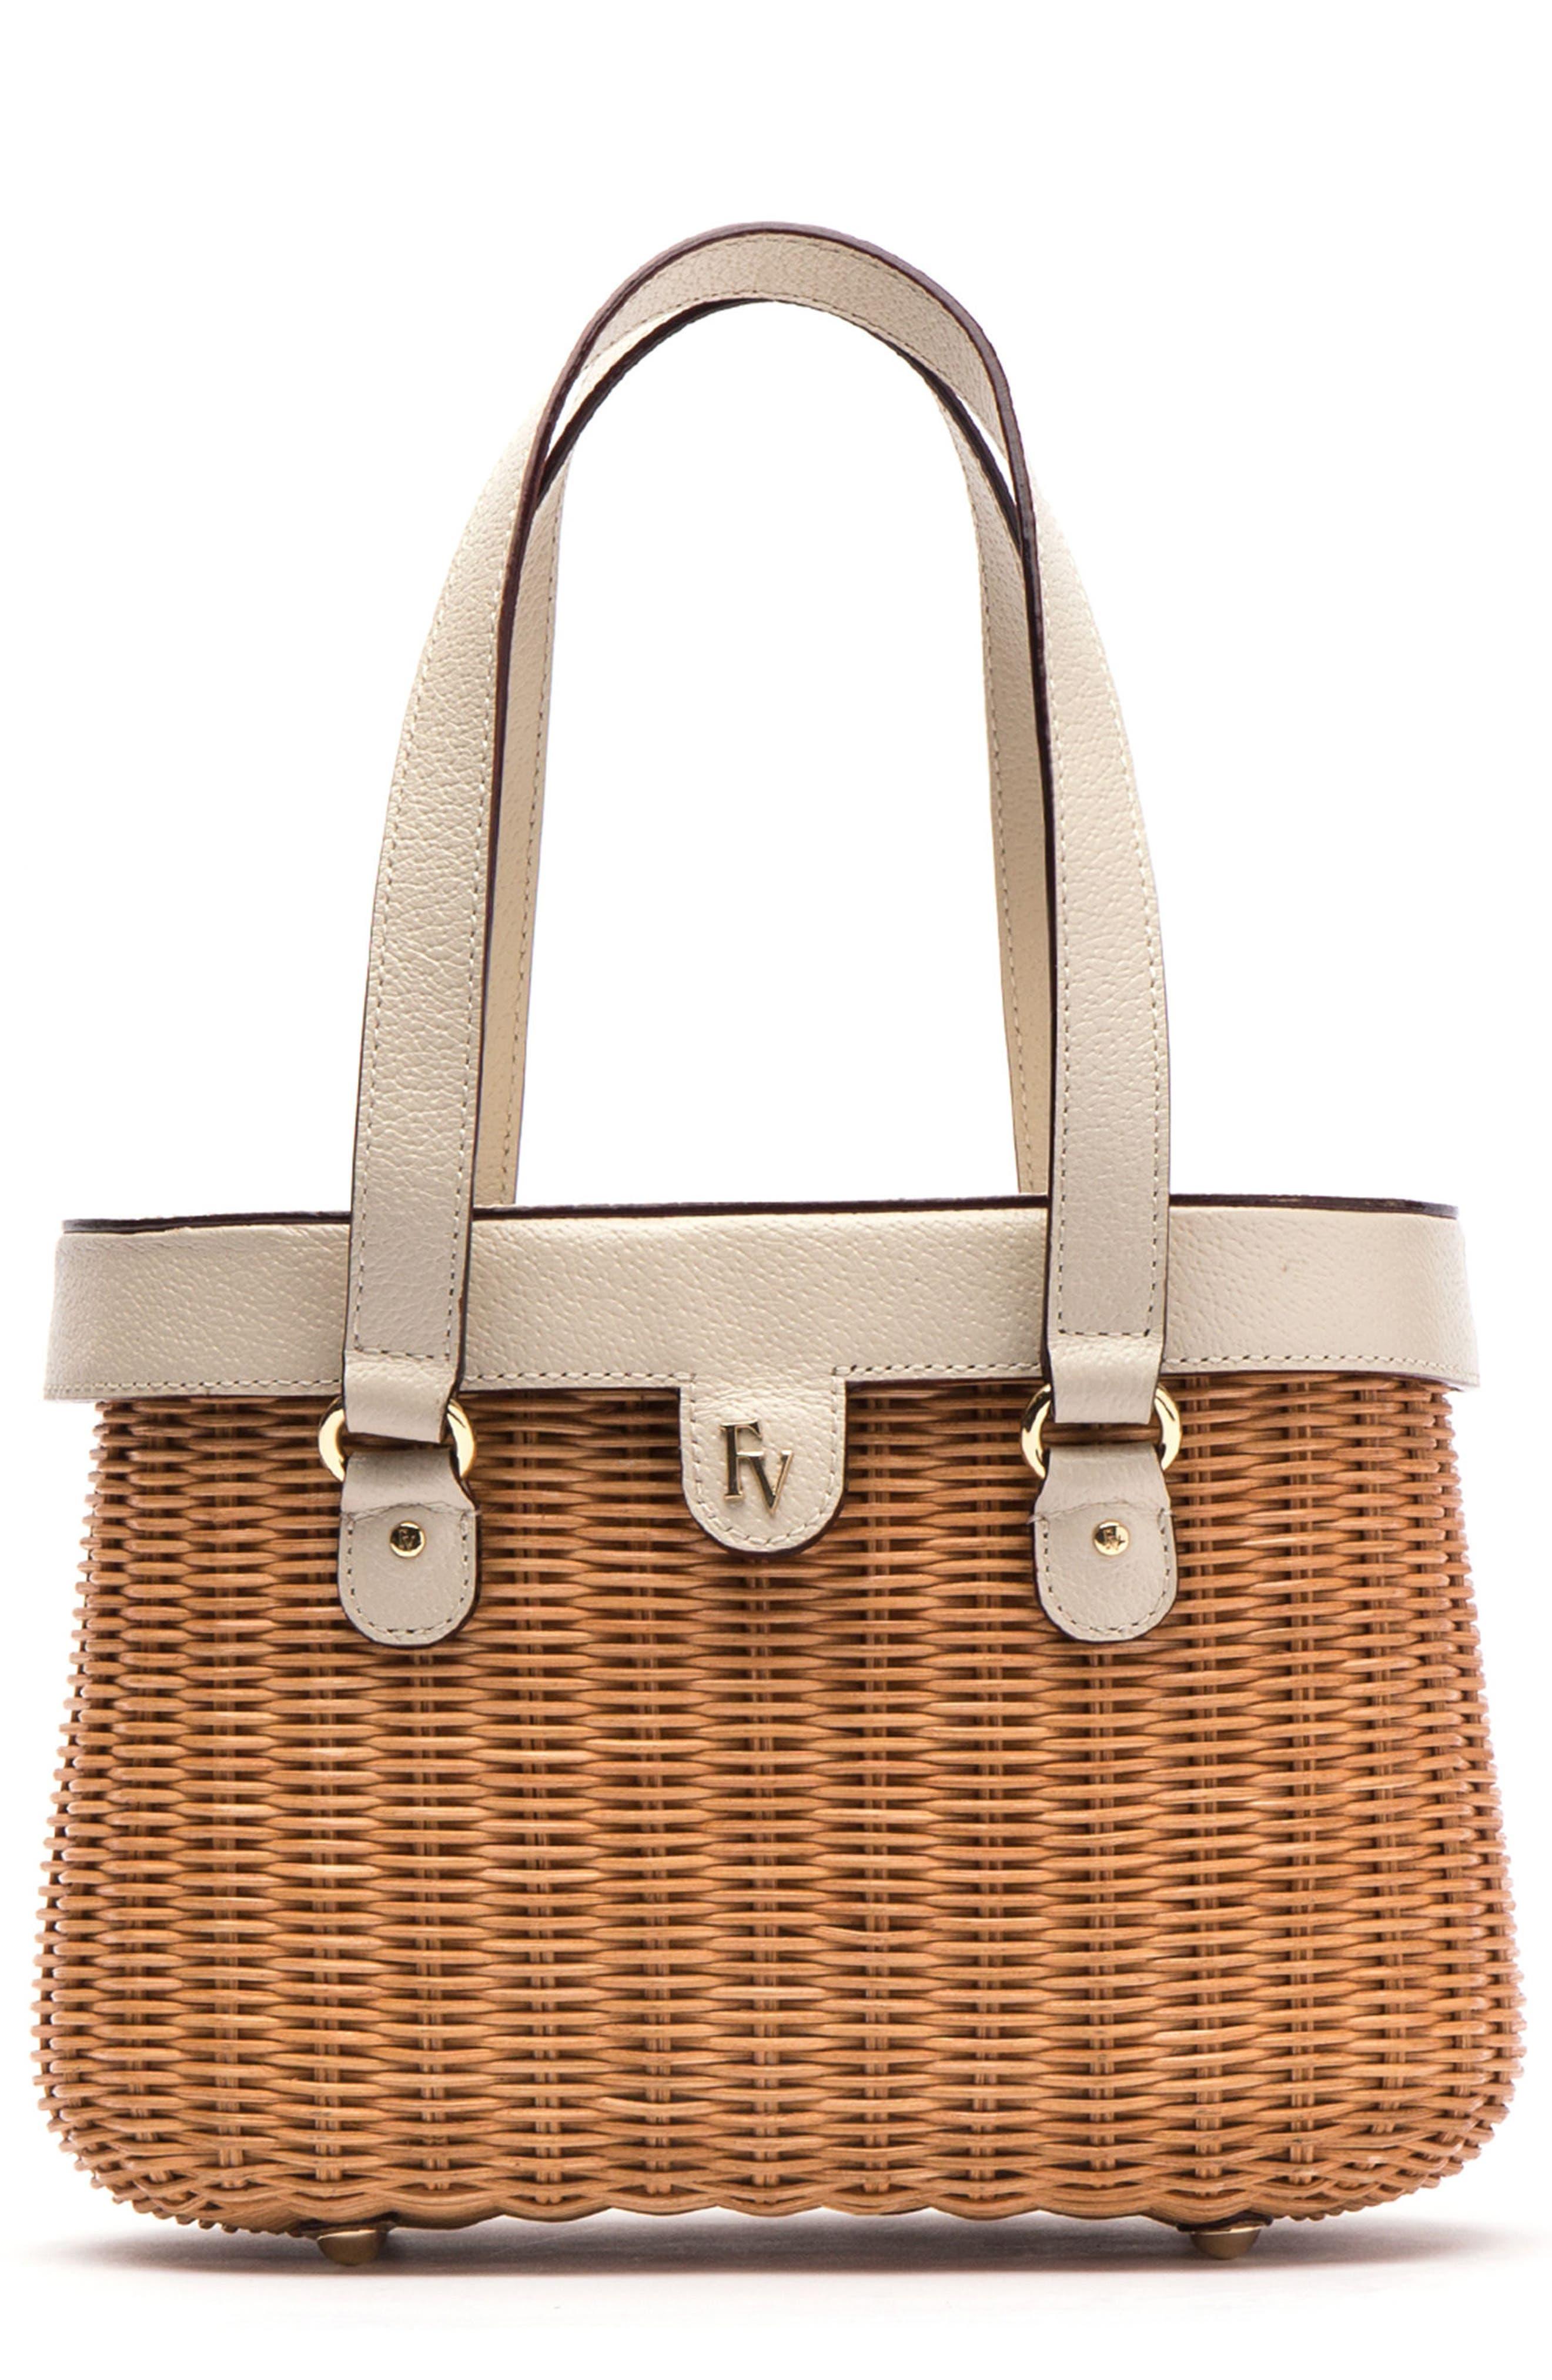 Wicker Basket Shoulder Bag,                             Main thumbnail 1, color,                             Natural/ Oyster